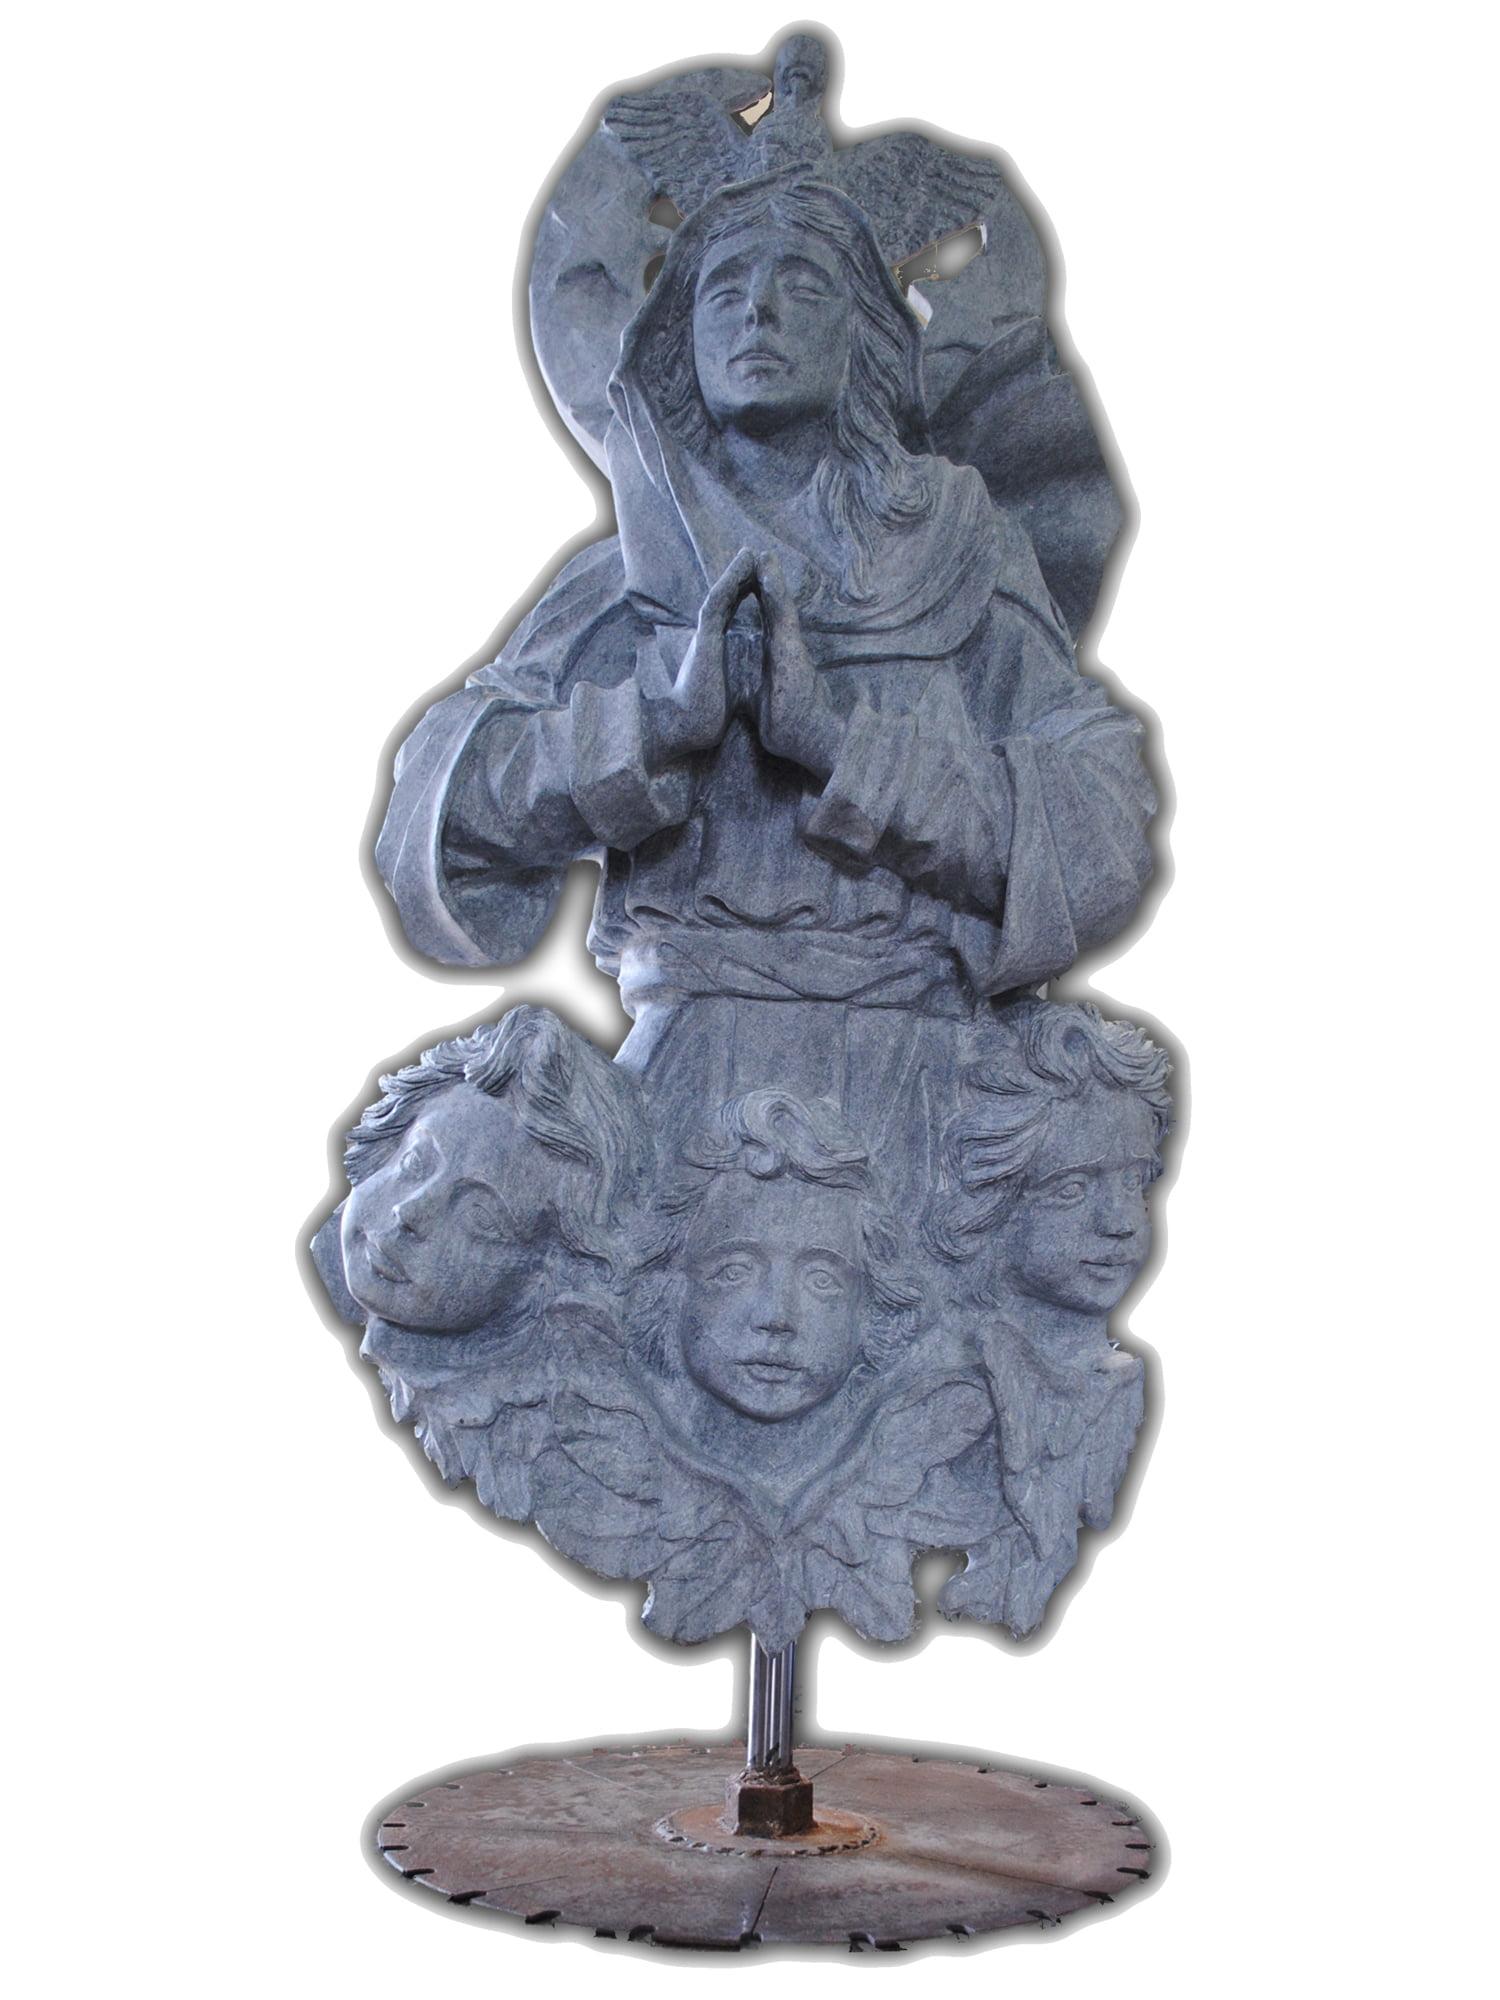 Escultura Em Pedra Sabão Assunção De Maria Esculpida A Mão